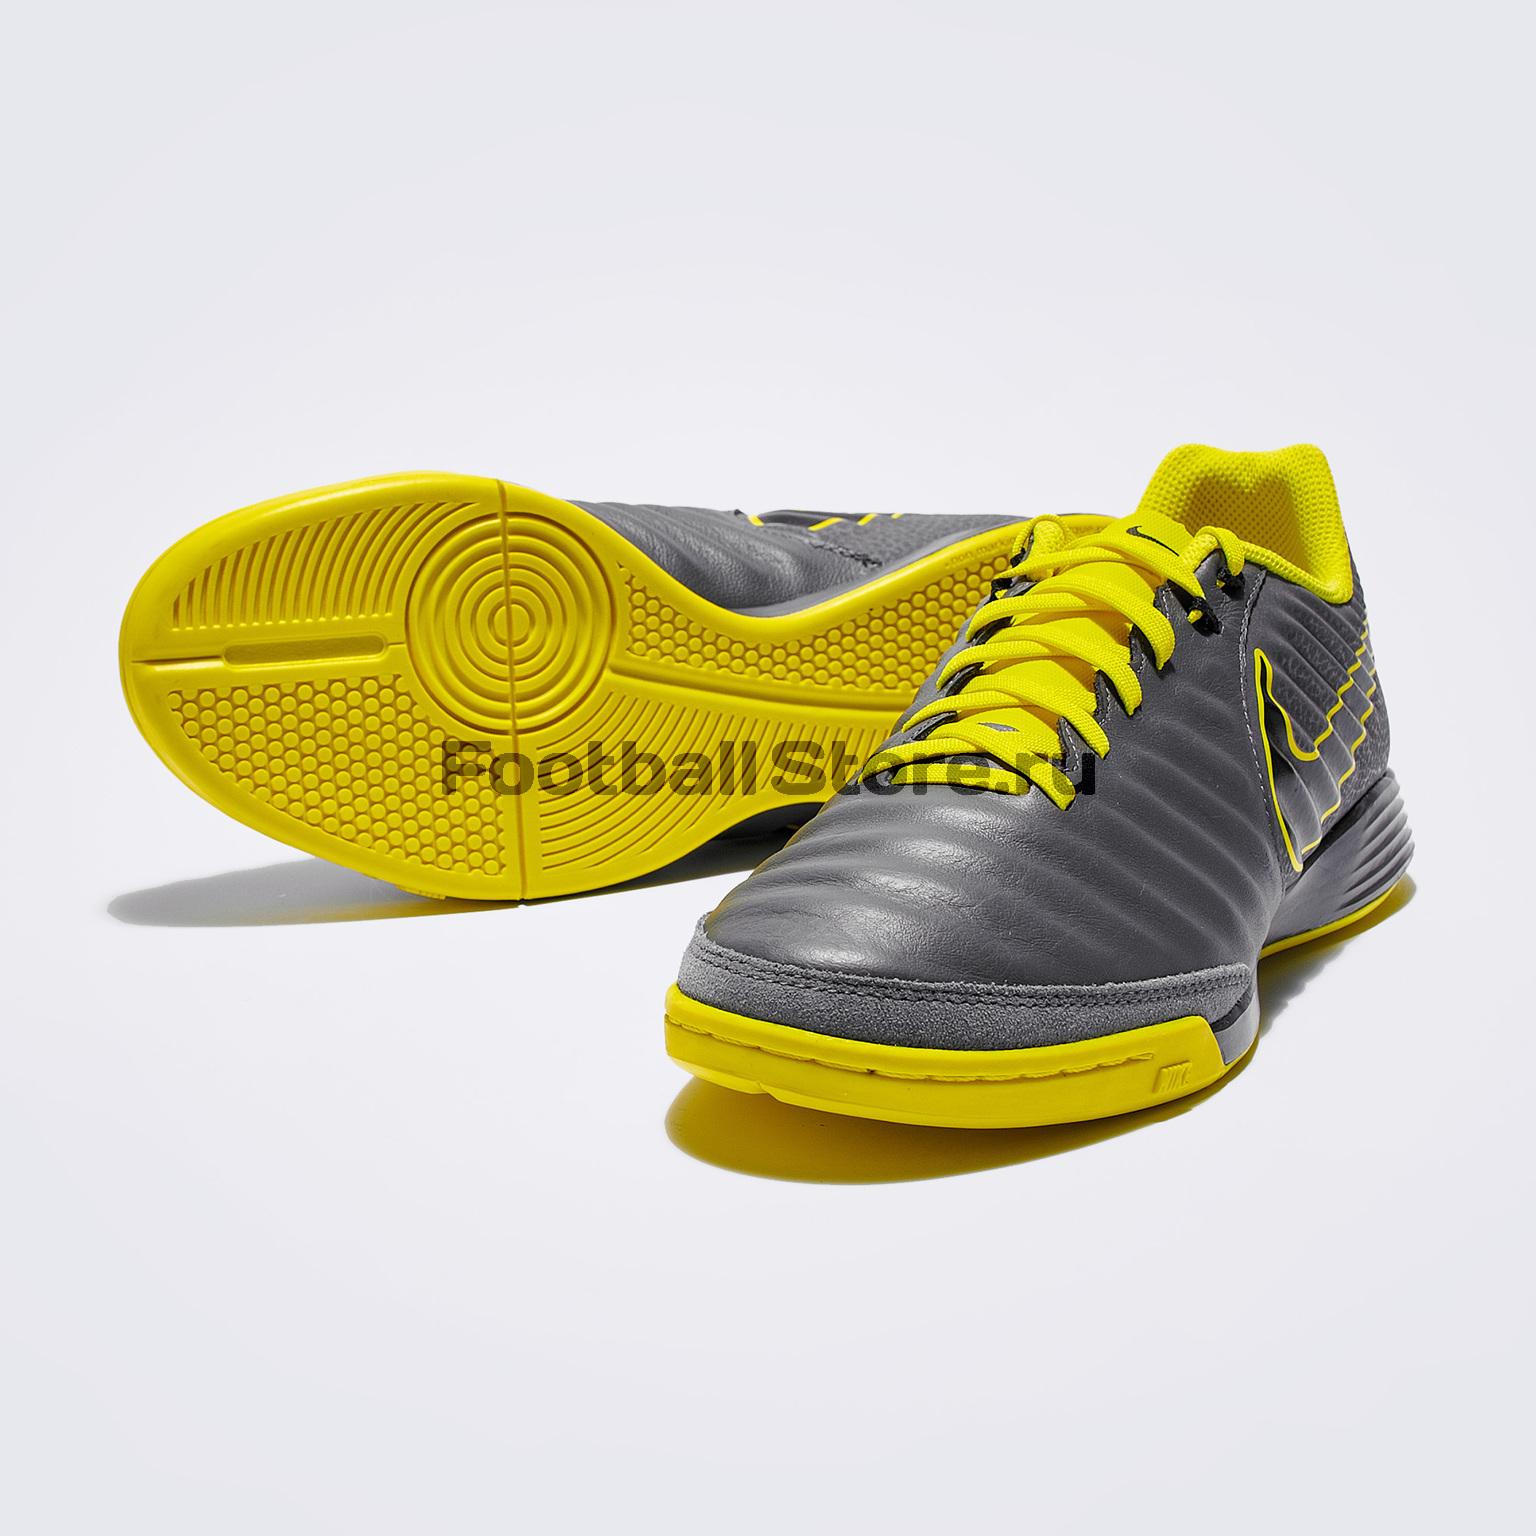 Футзалки Nike Legend 7 Academy IC AH7244-070 50pcs lm324dr lm324d lm324 sop 14 ic